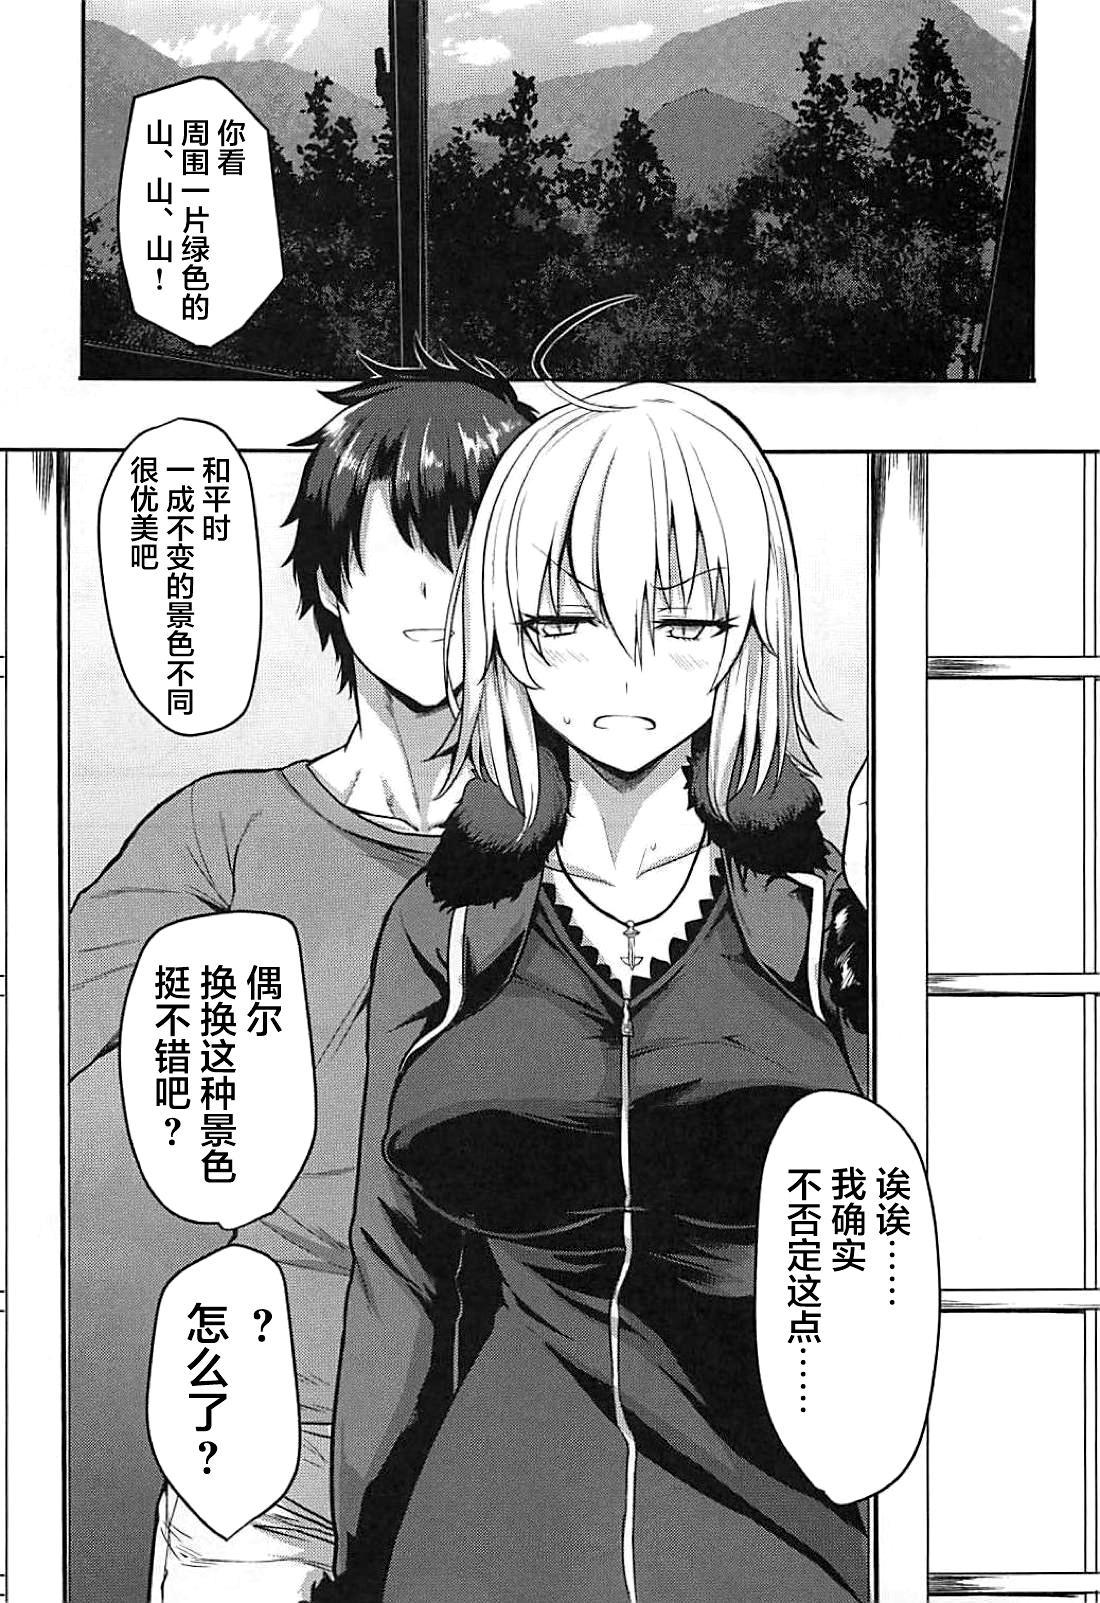 Jeanne to Ippaku Futsuka Ryokou Shitemita 4